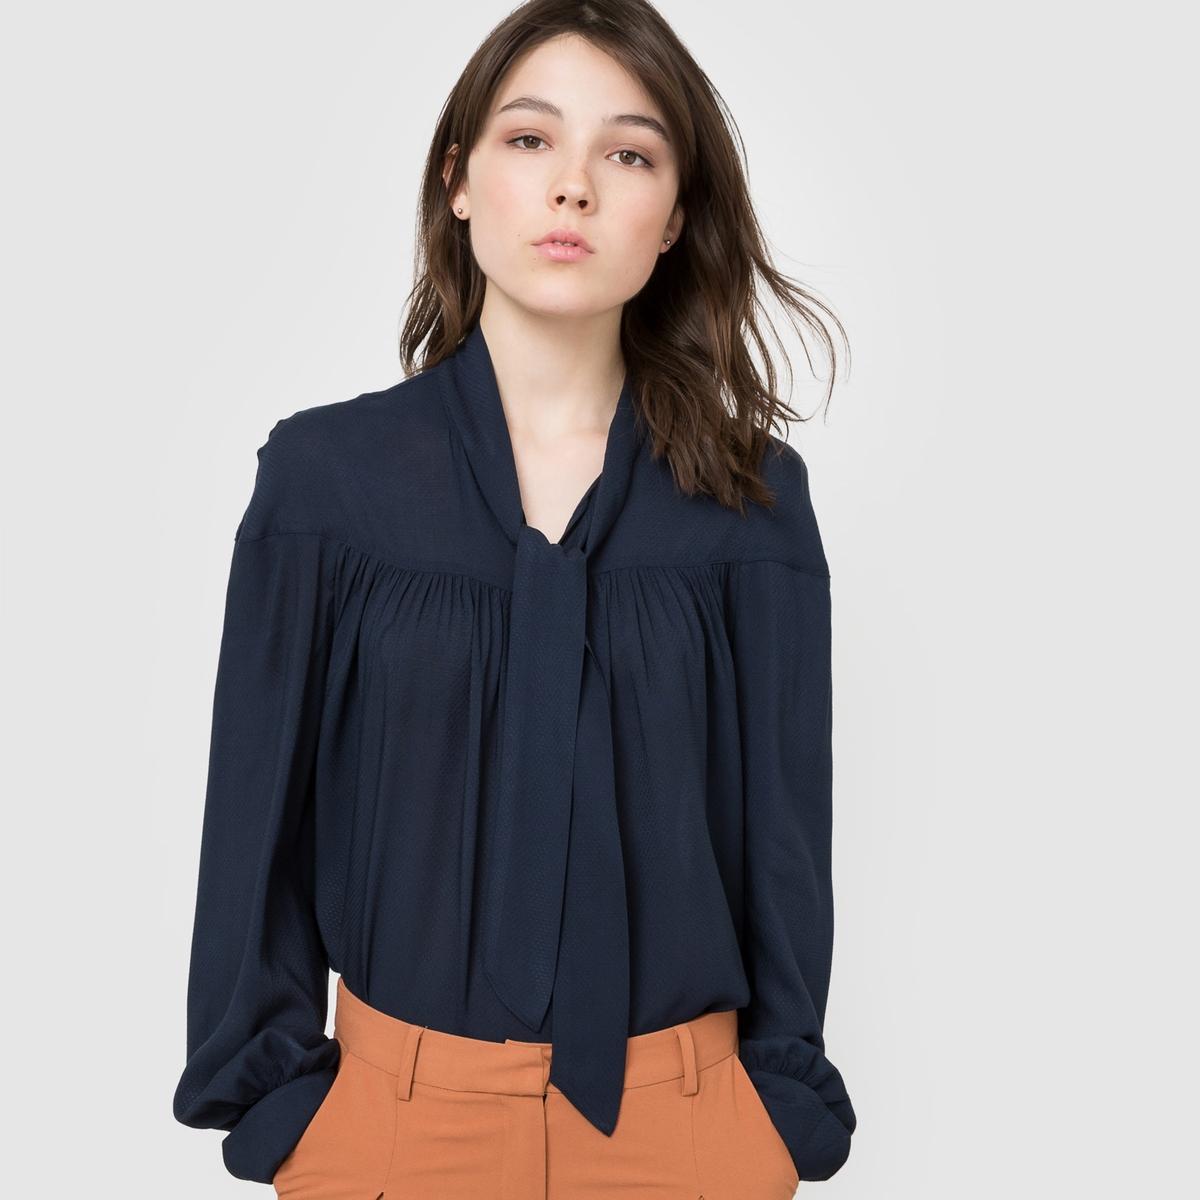 Блузка с галстуком-бантомУход :Стирка при 30°C с вещами Машинная сушка на низкой температуре с изнанкиГладить на низкой температуре с изнанки.<br><br>Цвет: зеленый<br>Размер: 46 (FR) - 52 (RUS)